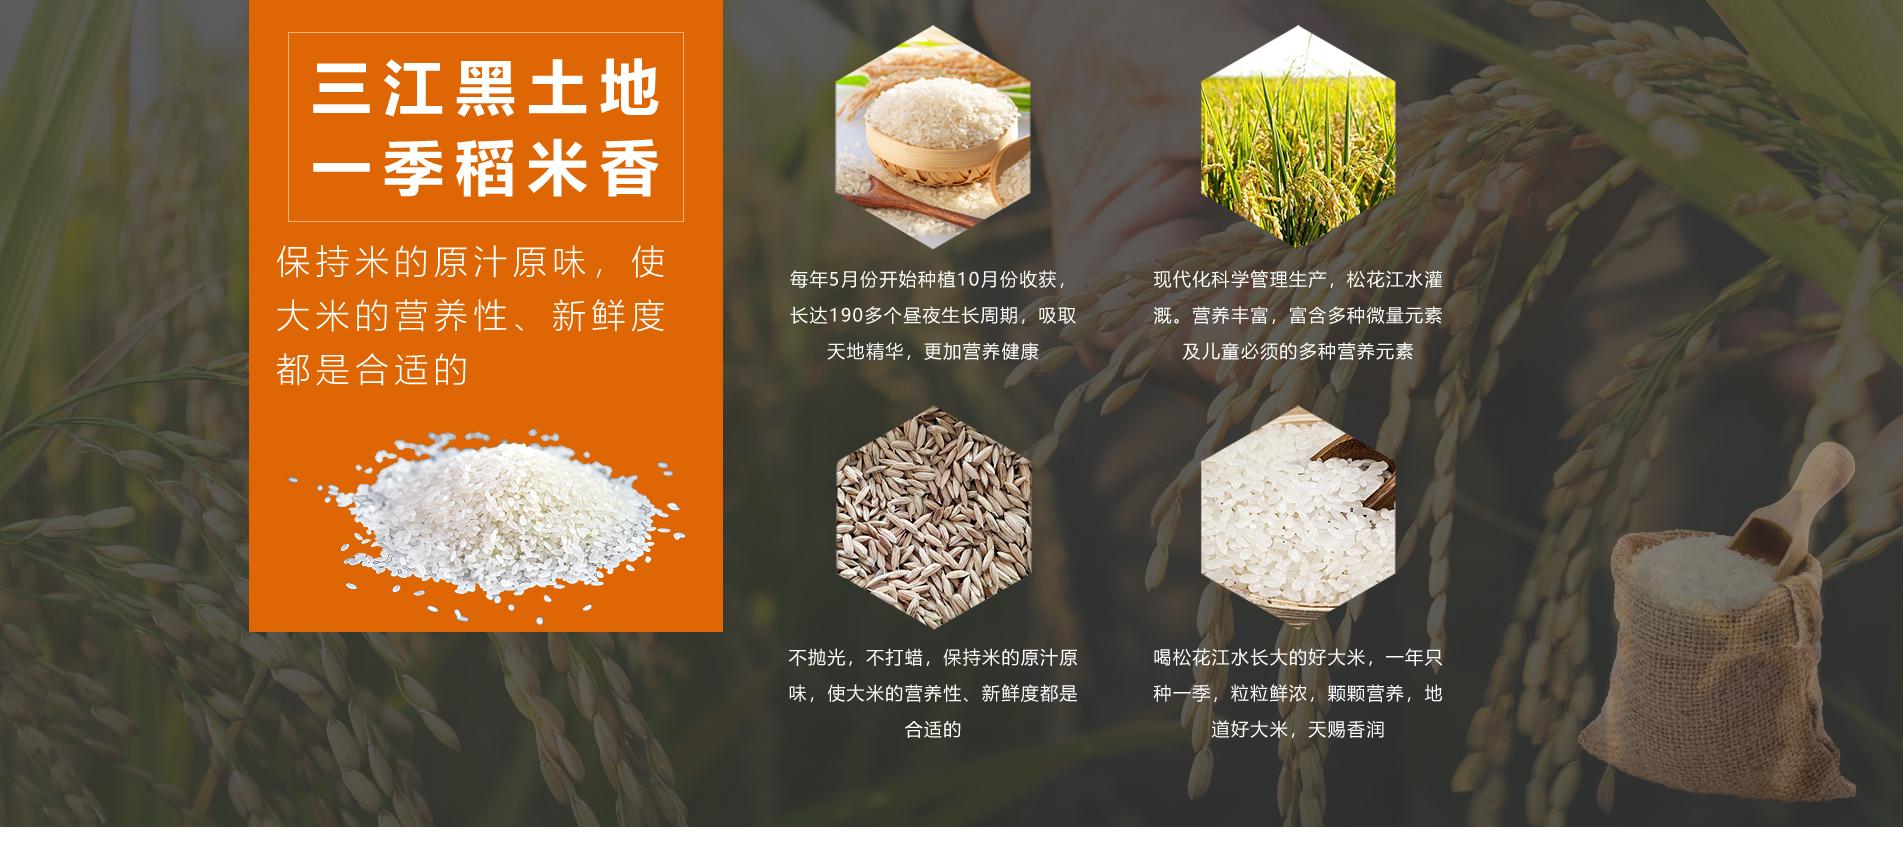 潍坊品然农业科技开发有限公司